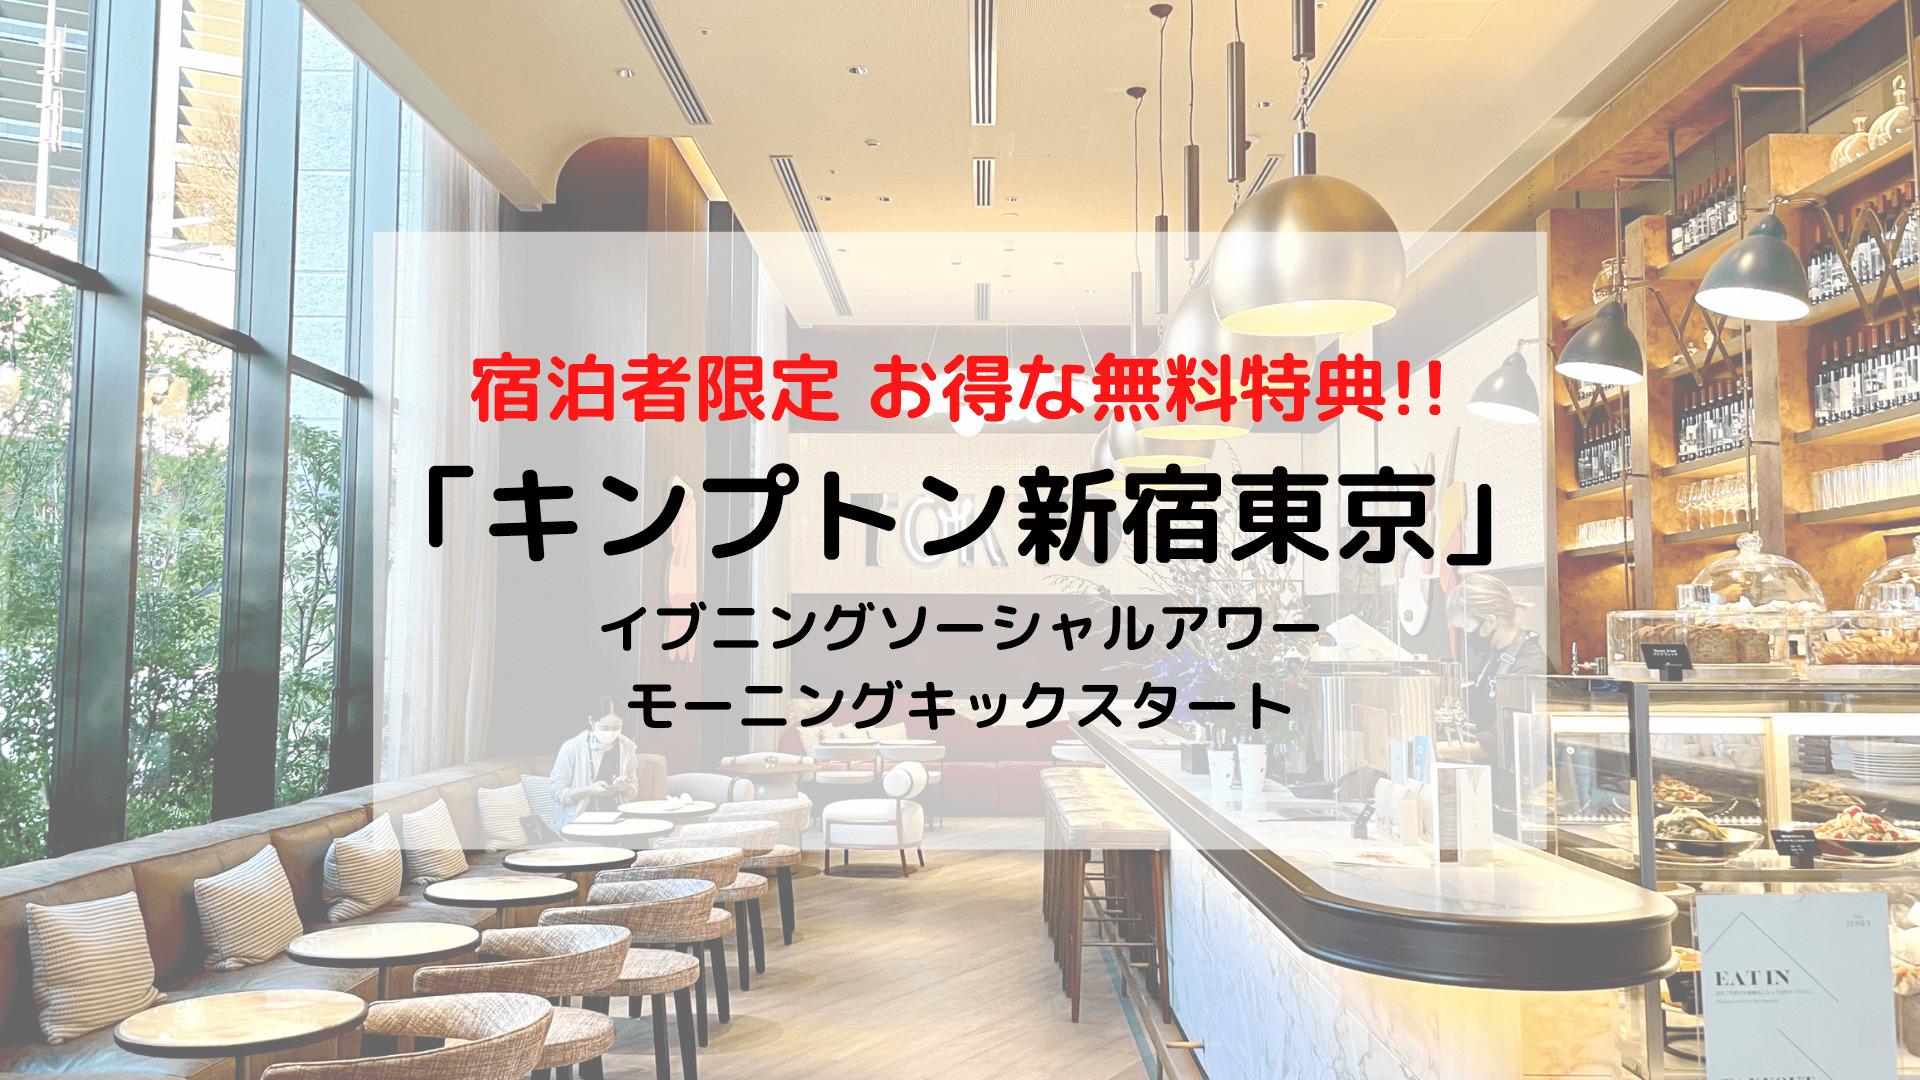 キンプトン新宿東京 滞在前に読みたい 宿泊者限定のお得な無料特典とは